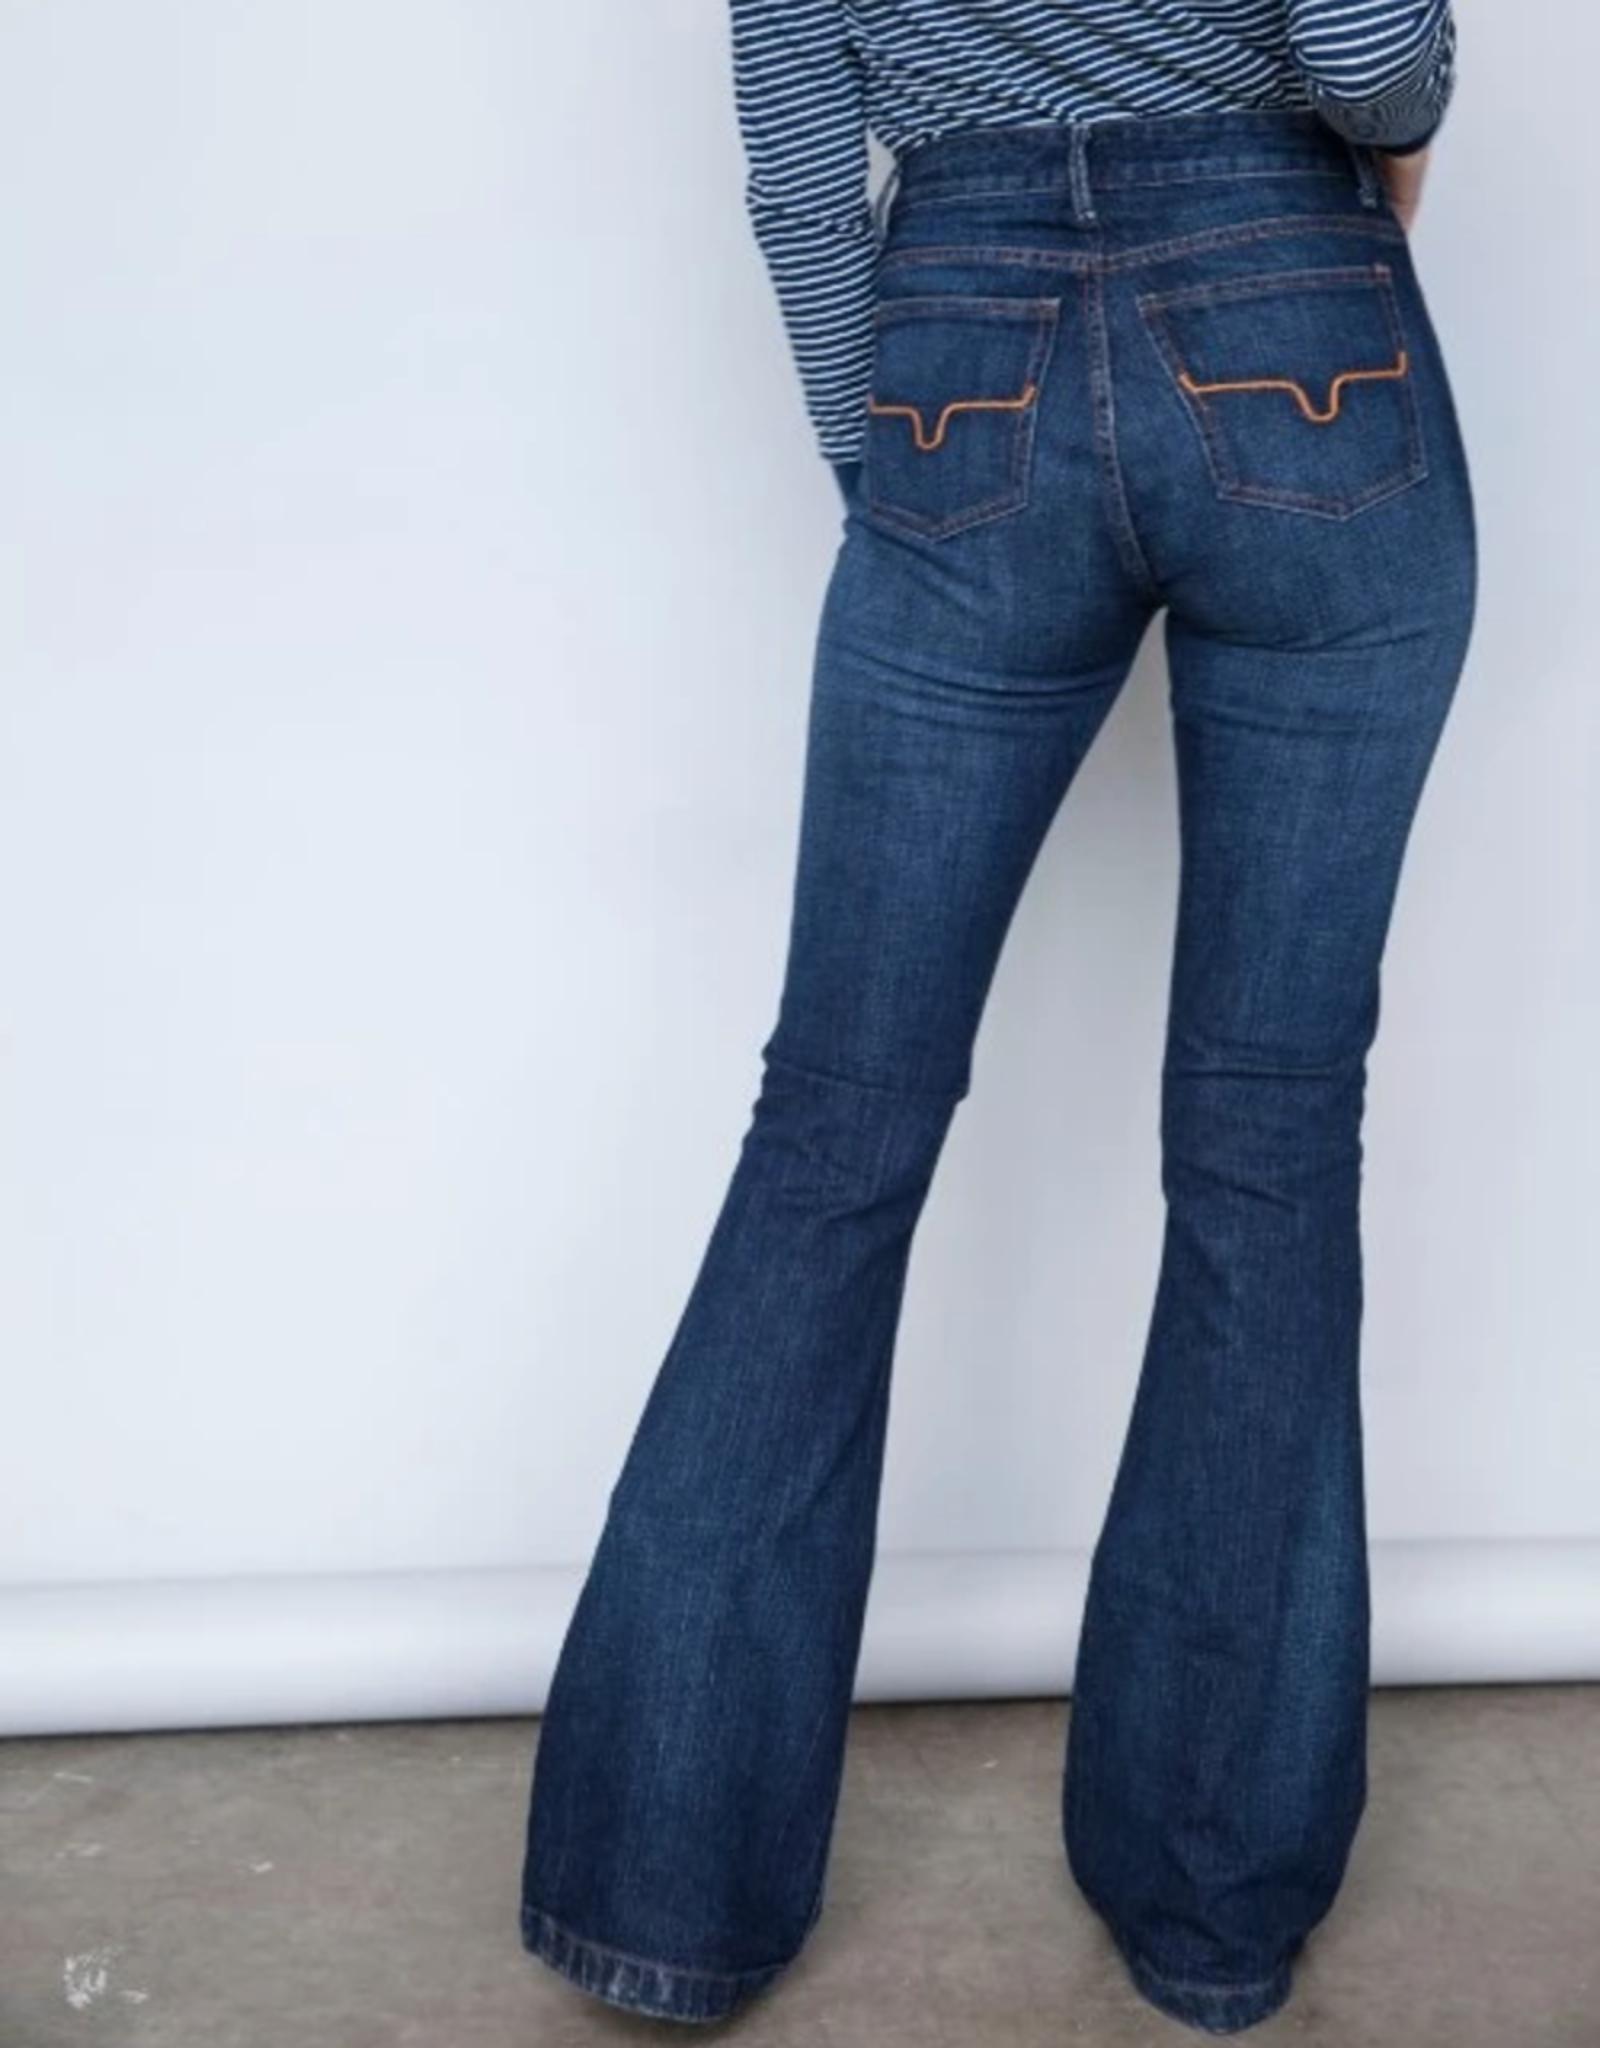 Kimes Ranch Kimes Ranch Jennifer Jeans